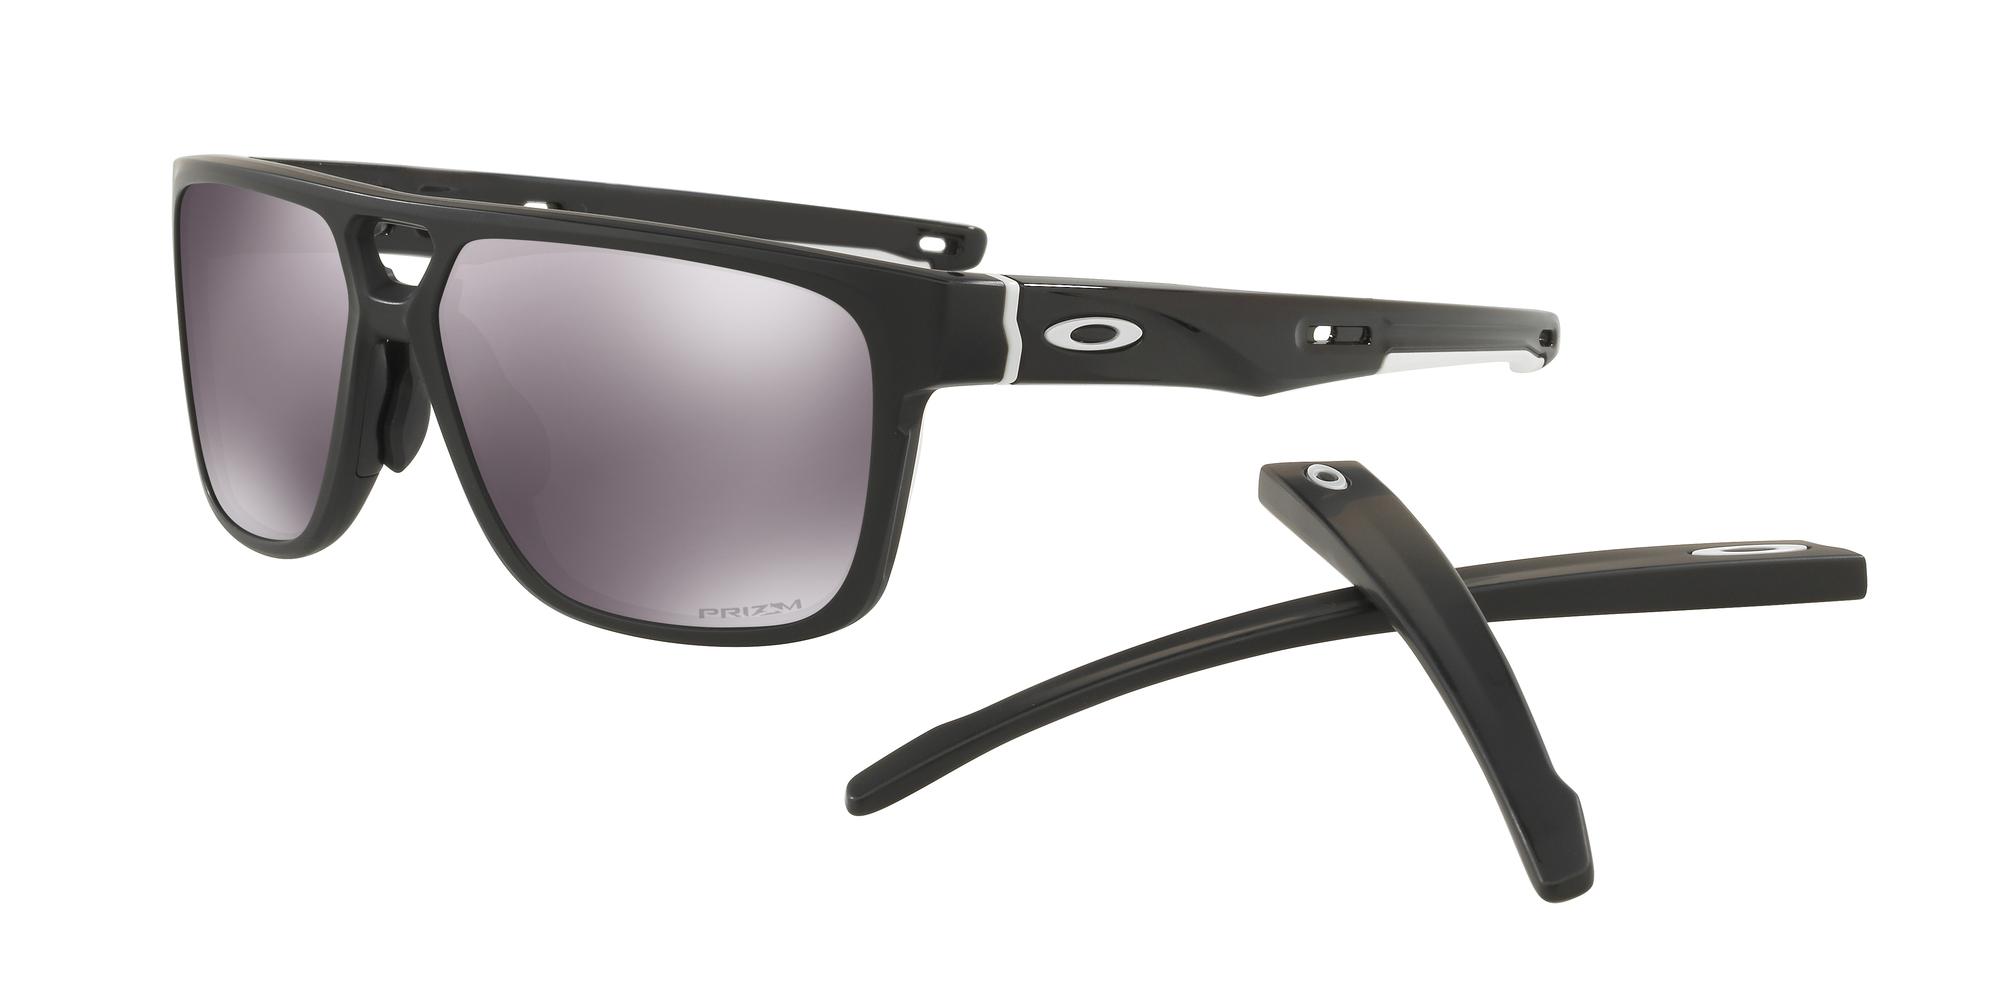 c90601db72 Oakley CROSSRANGE PATCH (A) OO9391 Progressive Prescription Sunglasses